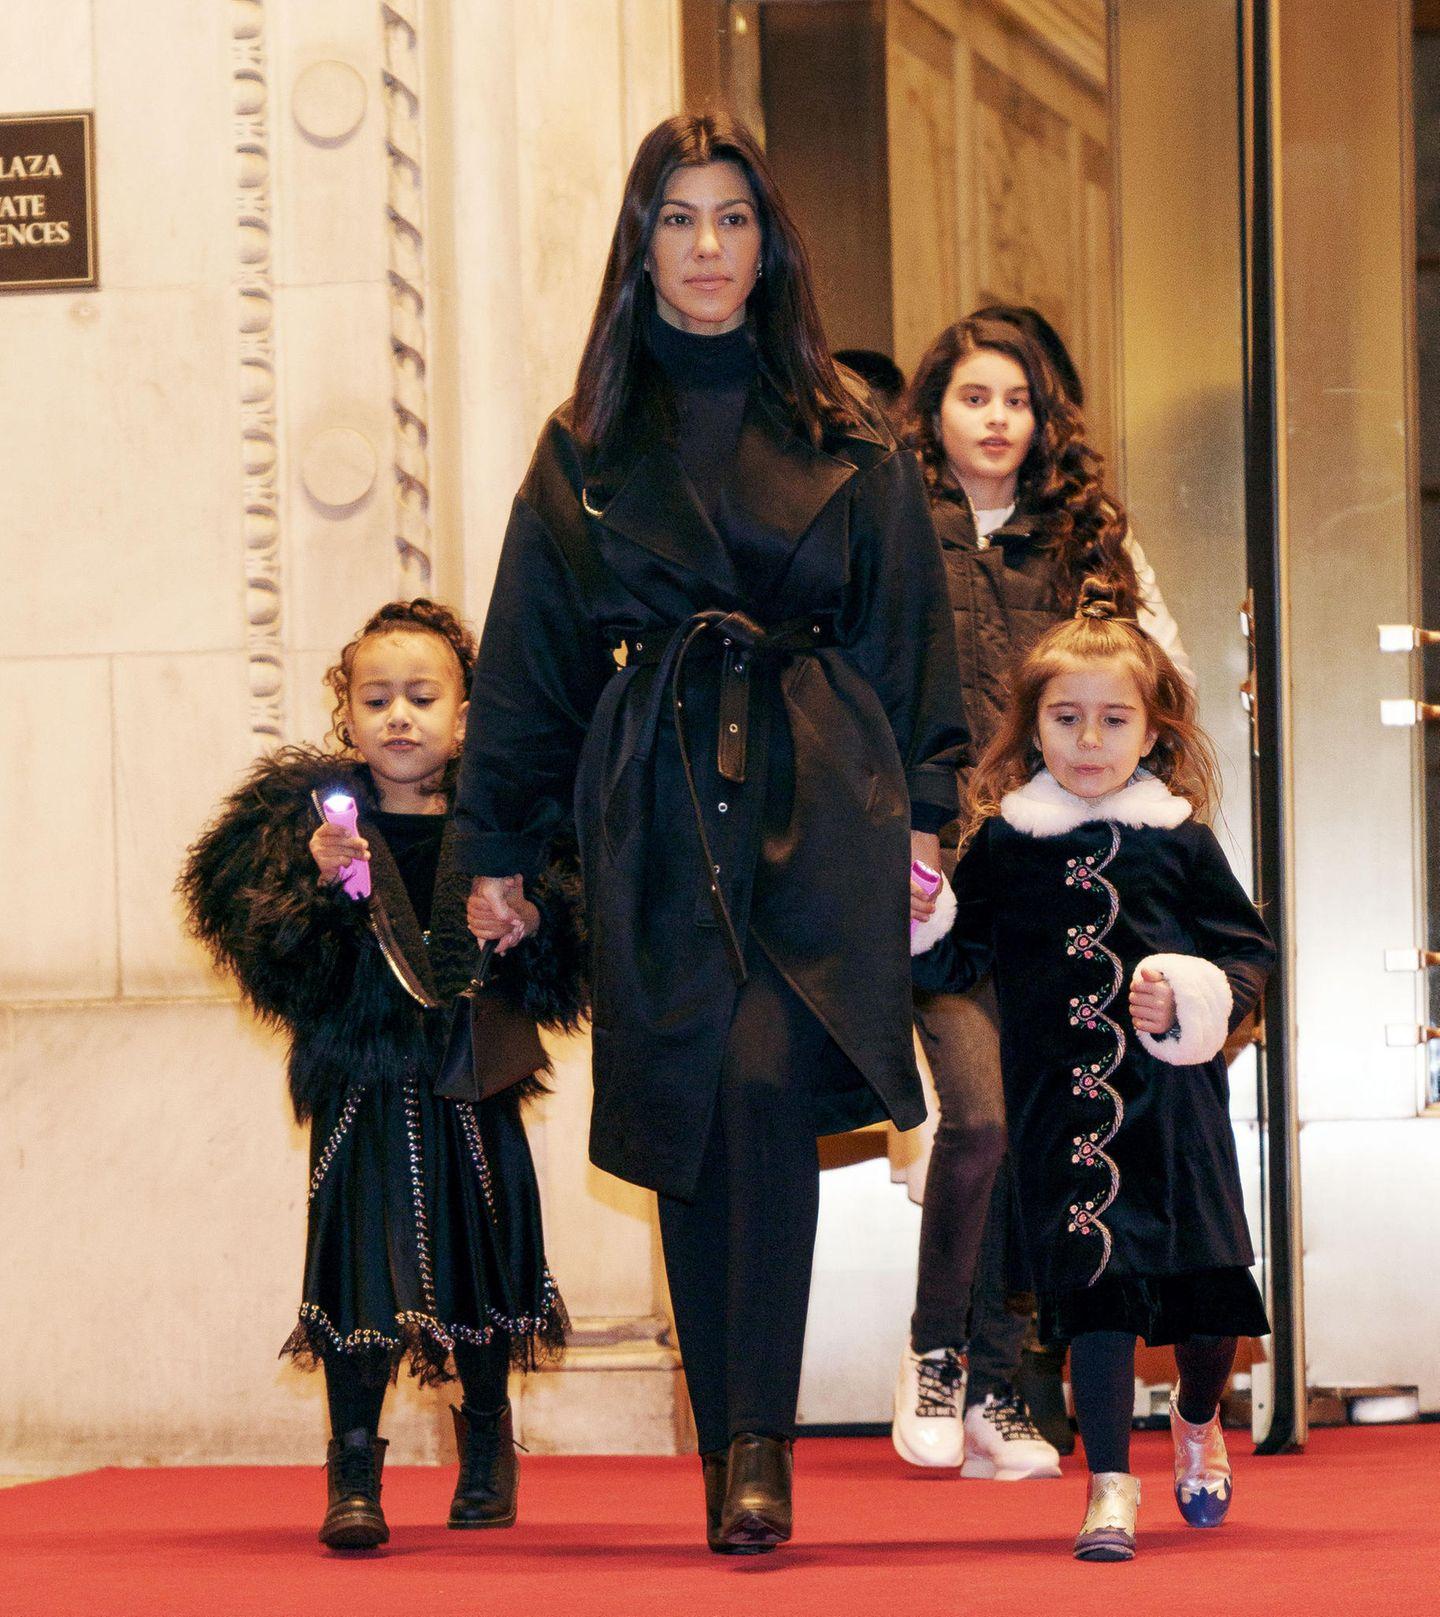 Abends darf es dann ein bisschen schicker sein: North, die älteste Tochter von Kim Kardashian und Kanye West, trägt ein schwarzes Satin-Kleid mit Nietendetails und Schnür-Boots, Penelope trägt einen Mantel mit Fellmanschetten- und Kragen. Im Gegensatz zu North scheint die fünfjährige Penelope nur ein Paar Schuhe dabei zu haben - sie trägt erneut ihre silber-blauen Stiefelchen.